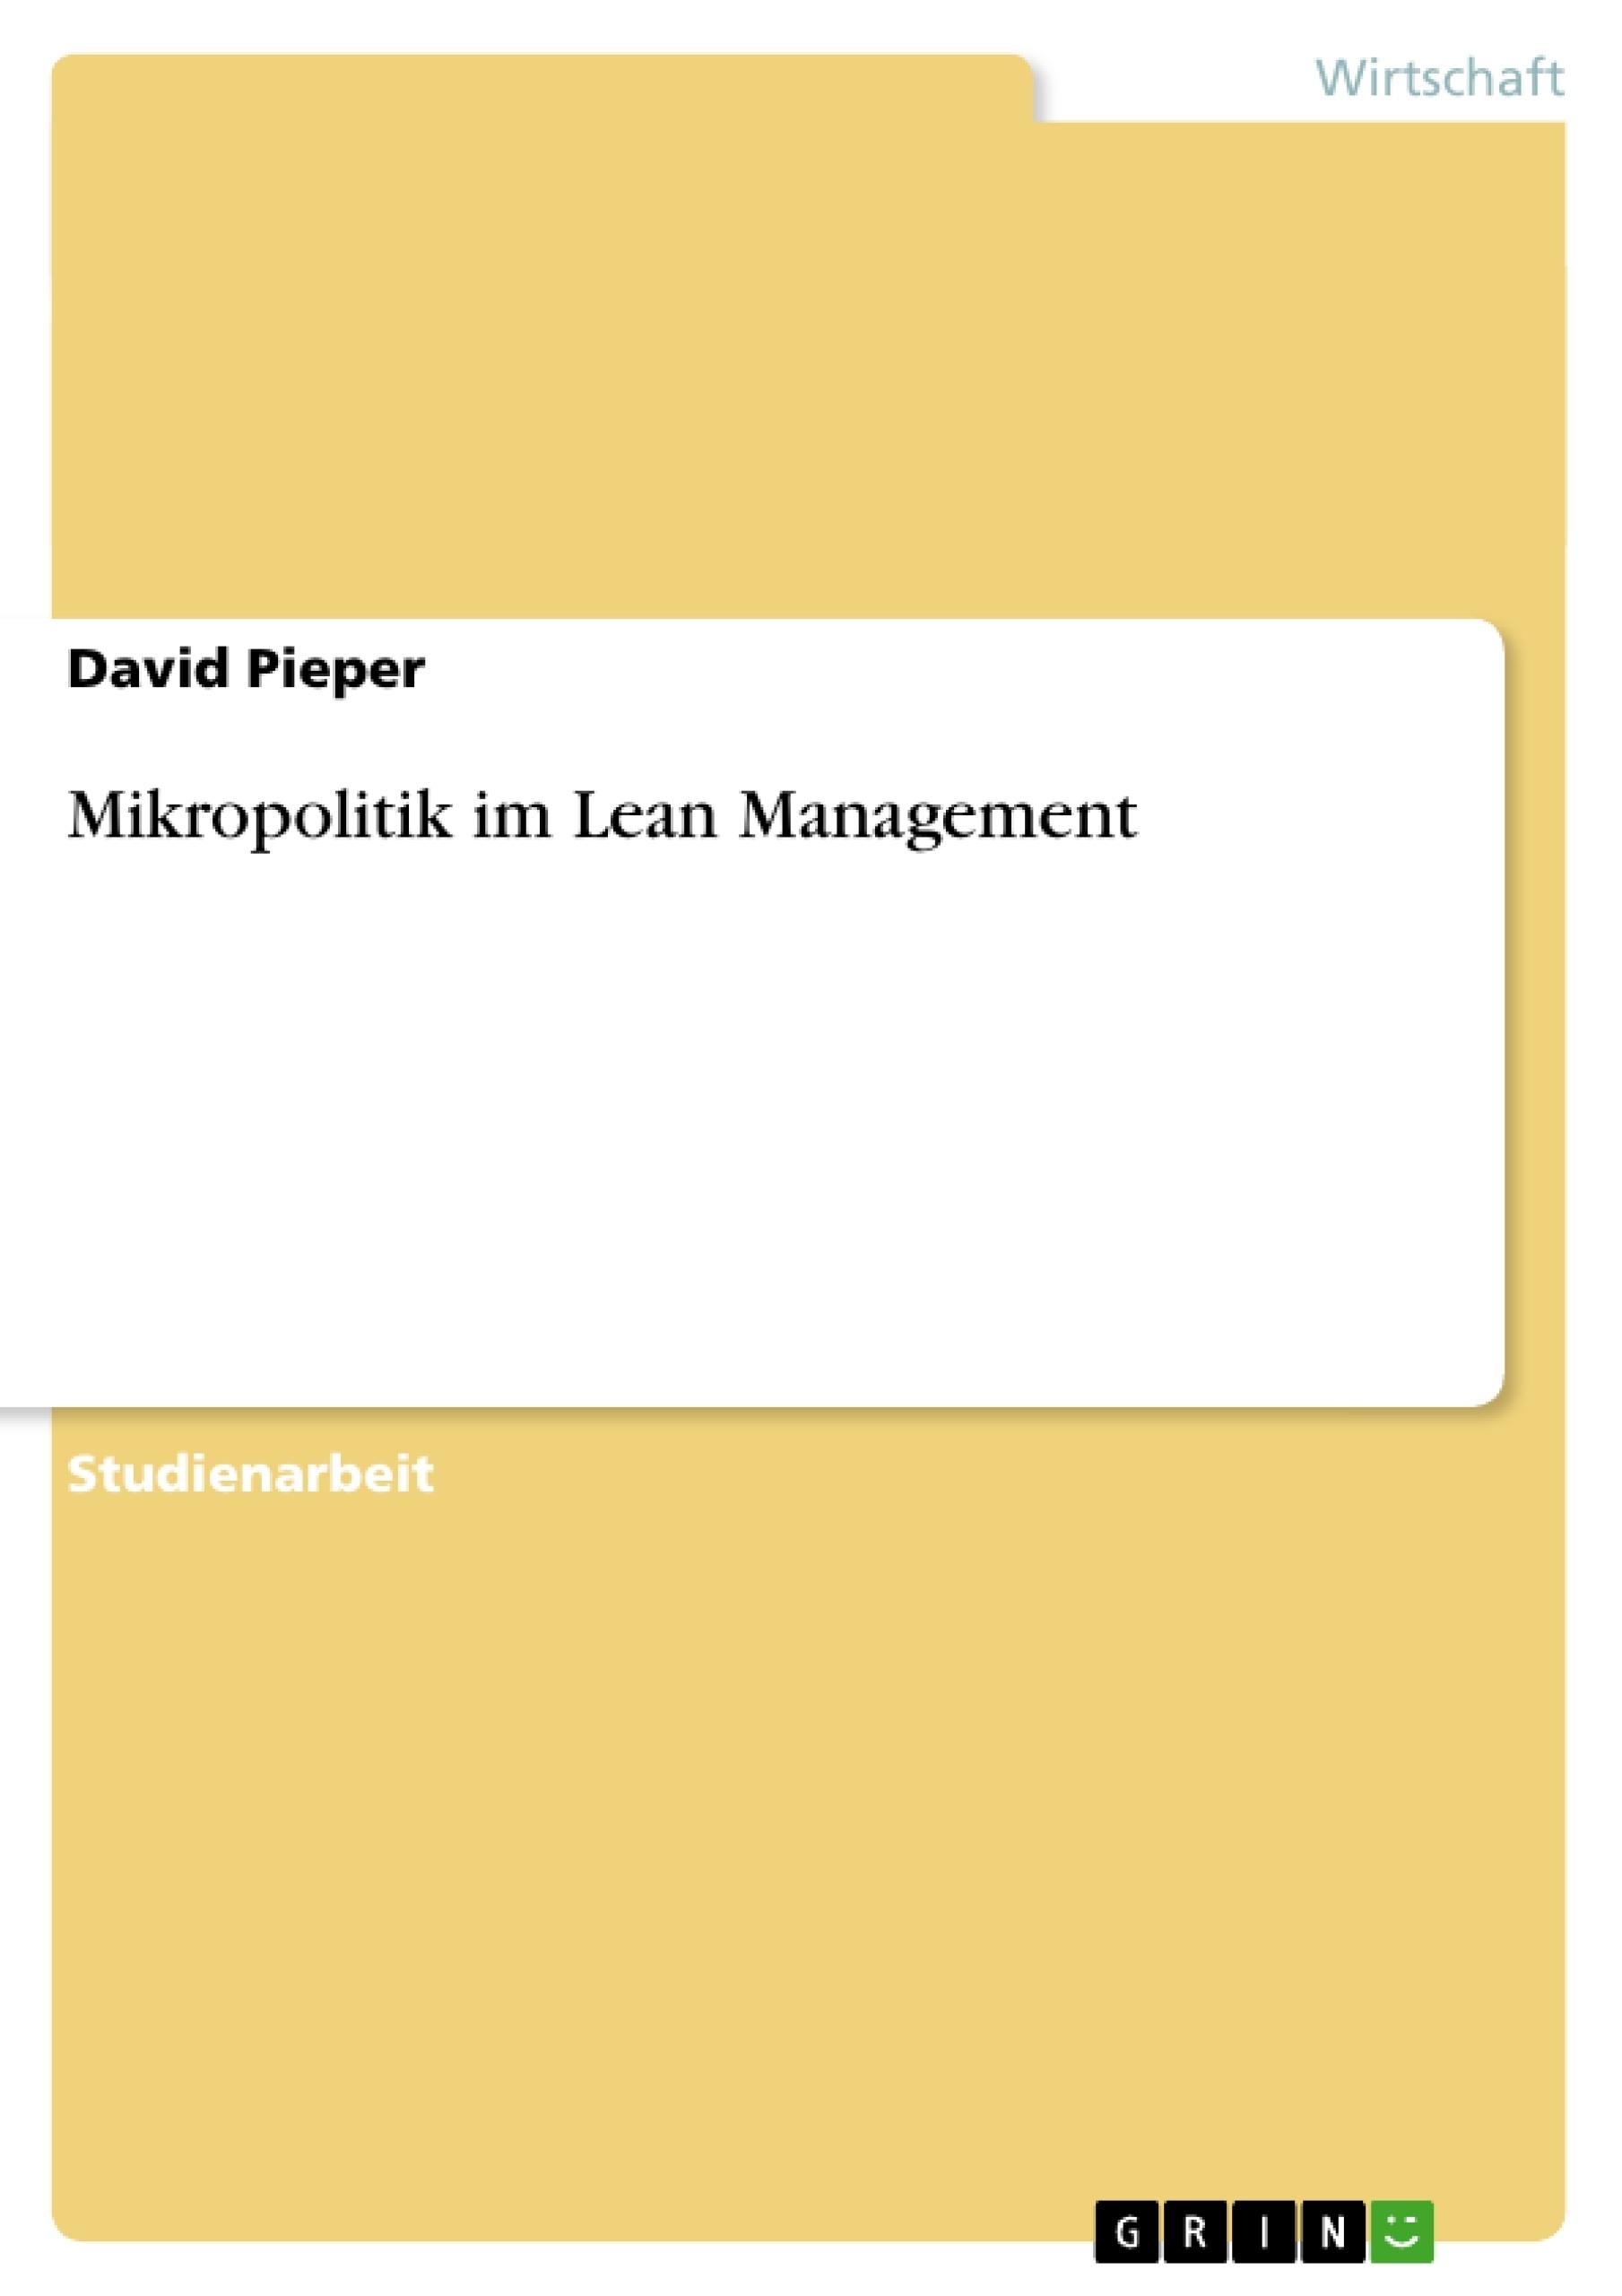 Titel: Mikropolitik im Lean Management